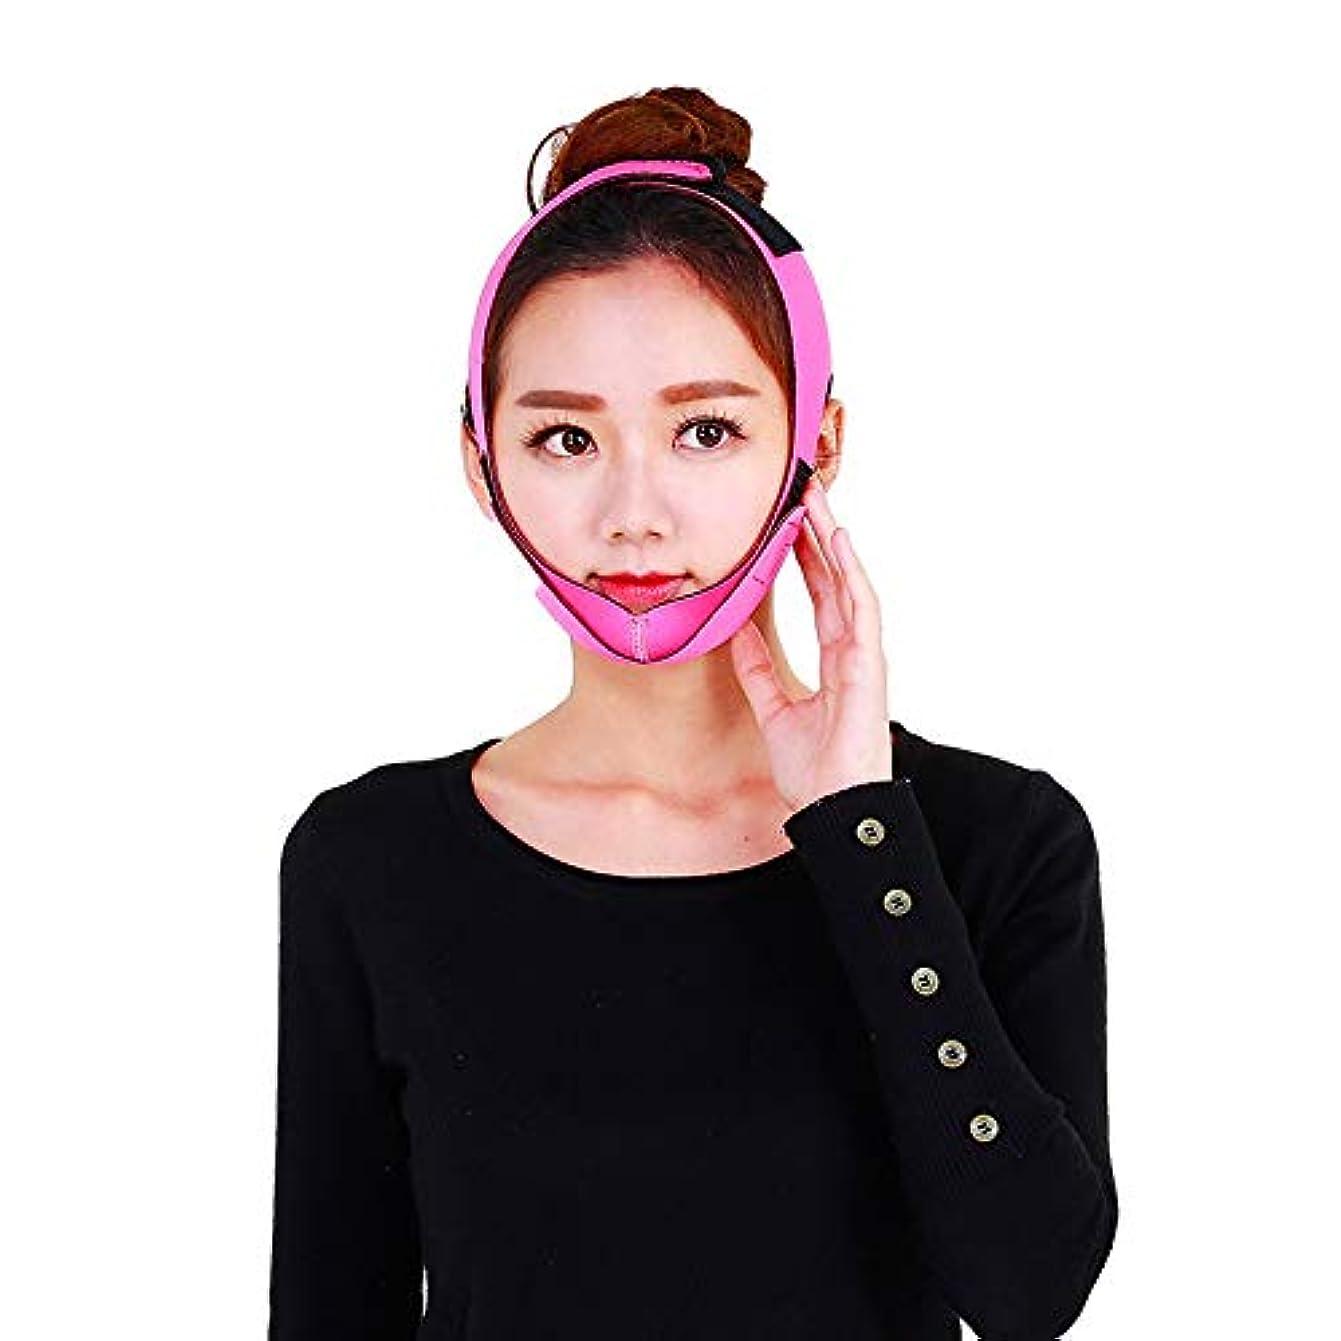 キュービックうれしい浸透する飛強強 顔の持ち上がる痩身ベルト - 薄い顔包帯二重あごのデバイス無料の顔のマッサージ整形マスクが顔と首を締めます スリムフィット美容ツール